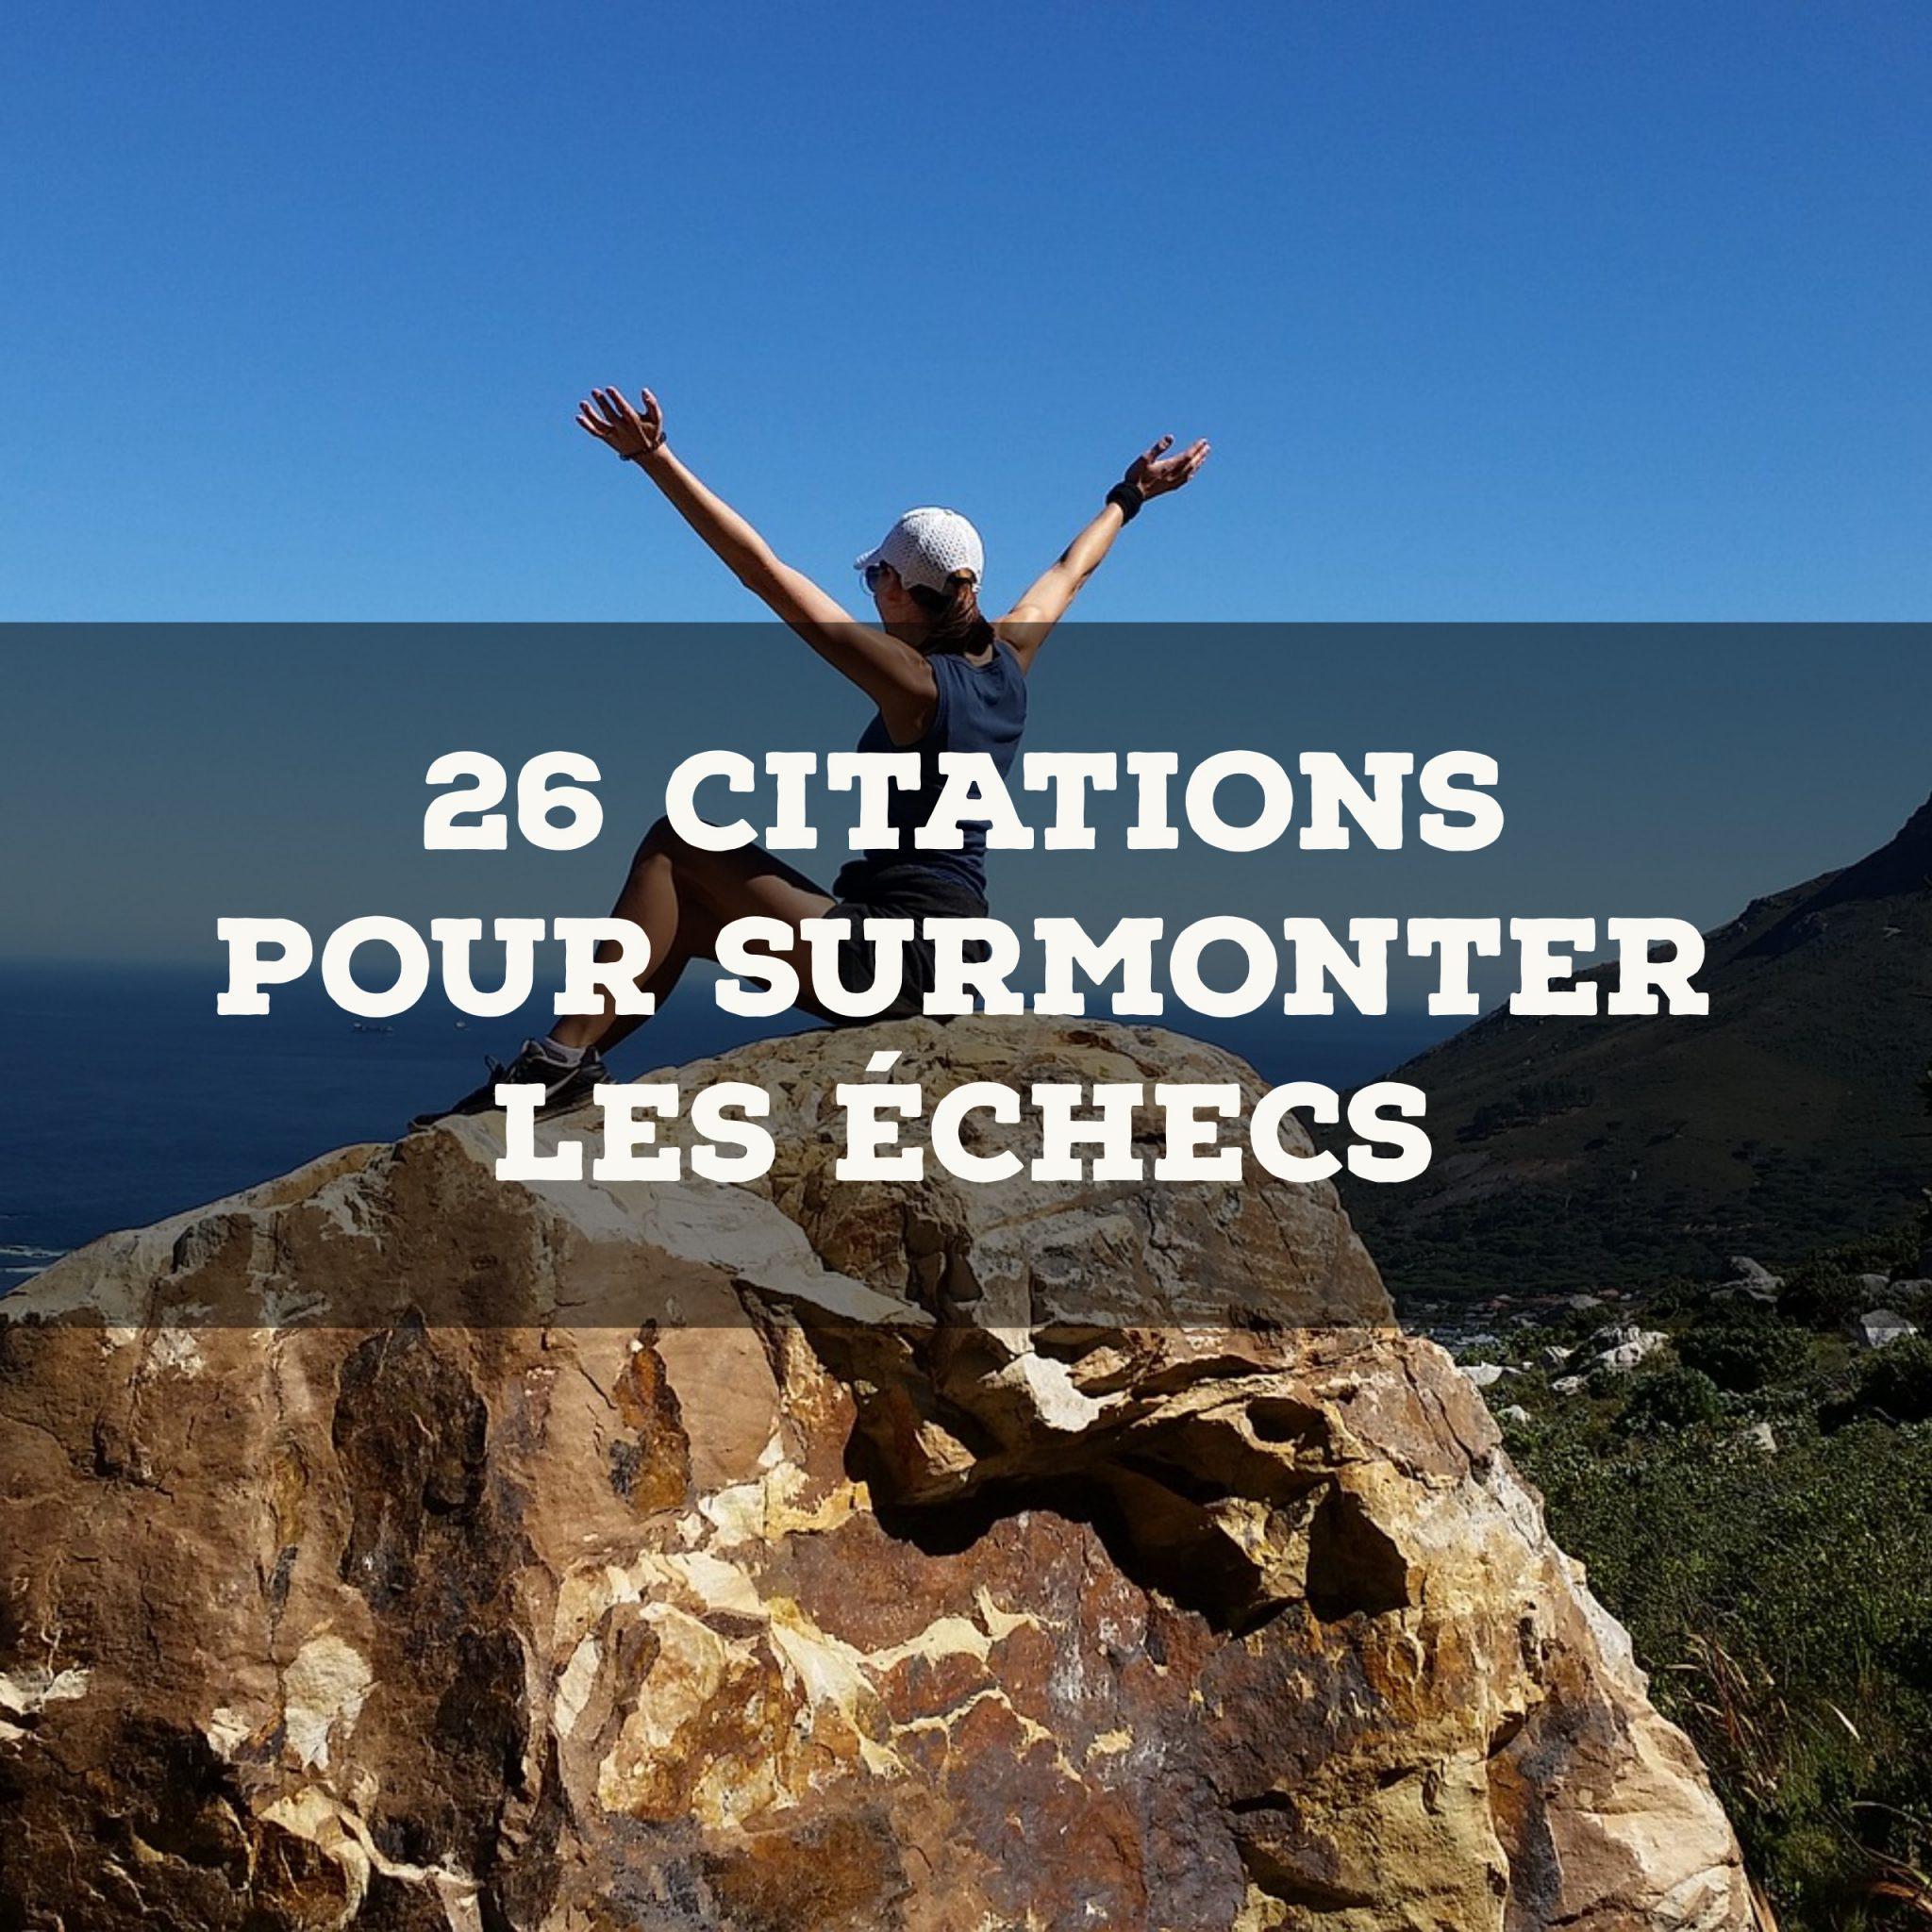 26 citations pour surmonter les échecs